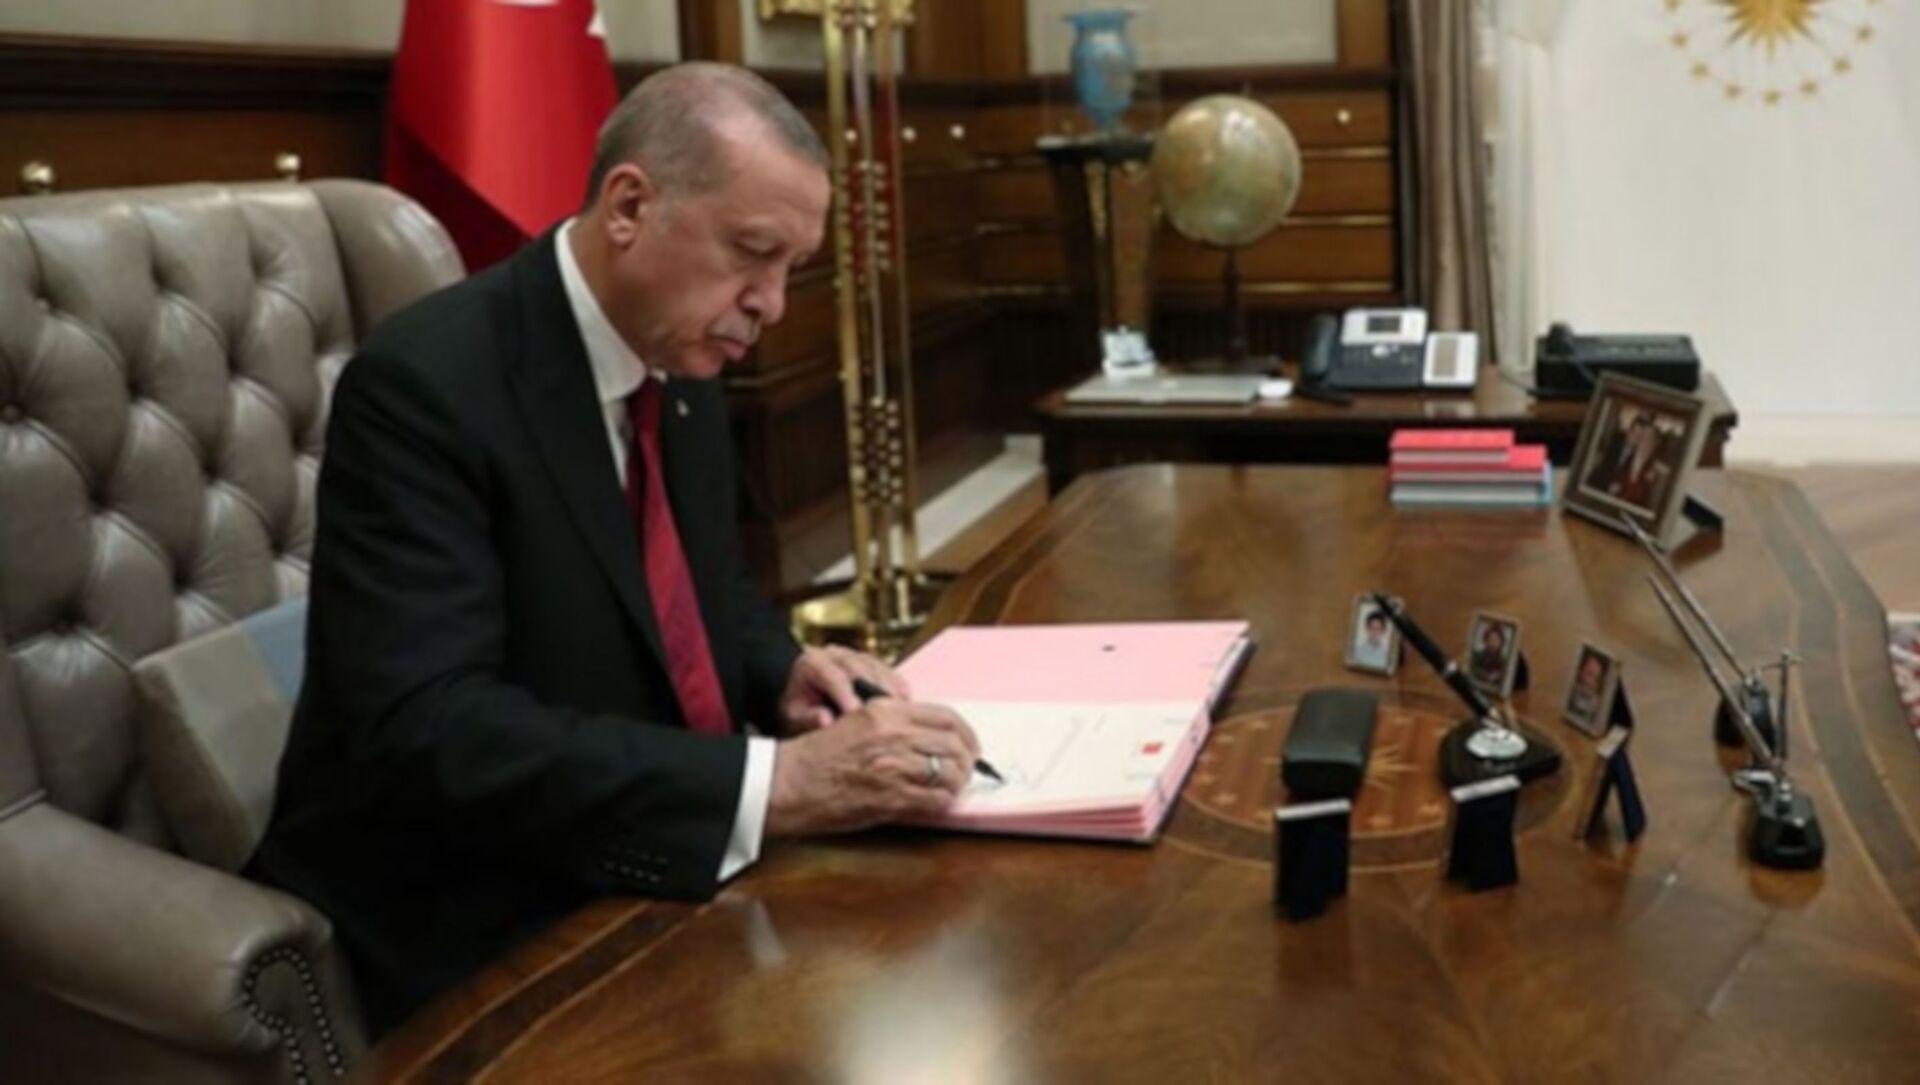 Cumhurbaşkanı Erdoğan, imza, atama - Sputnik Türkiye, 1920, 05.08.2021